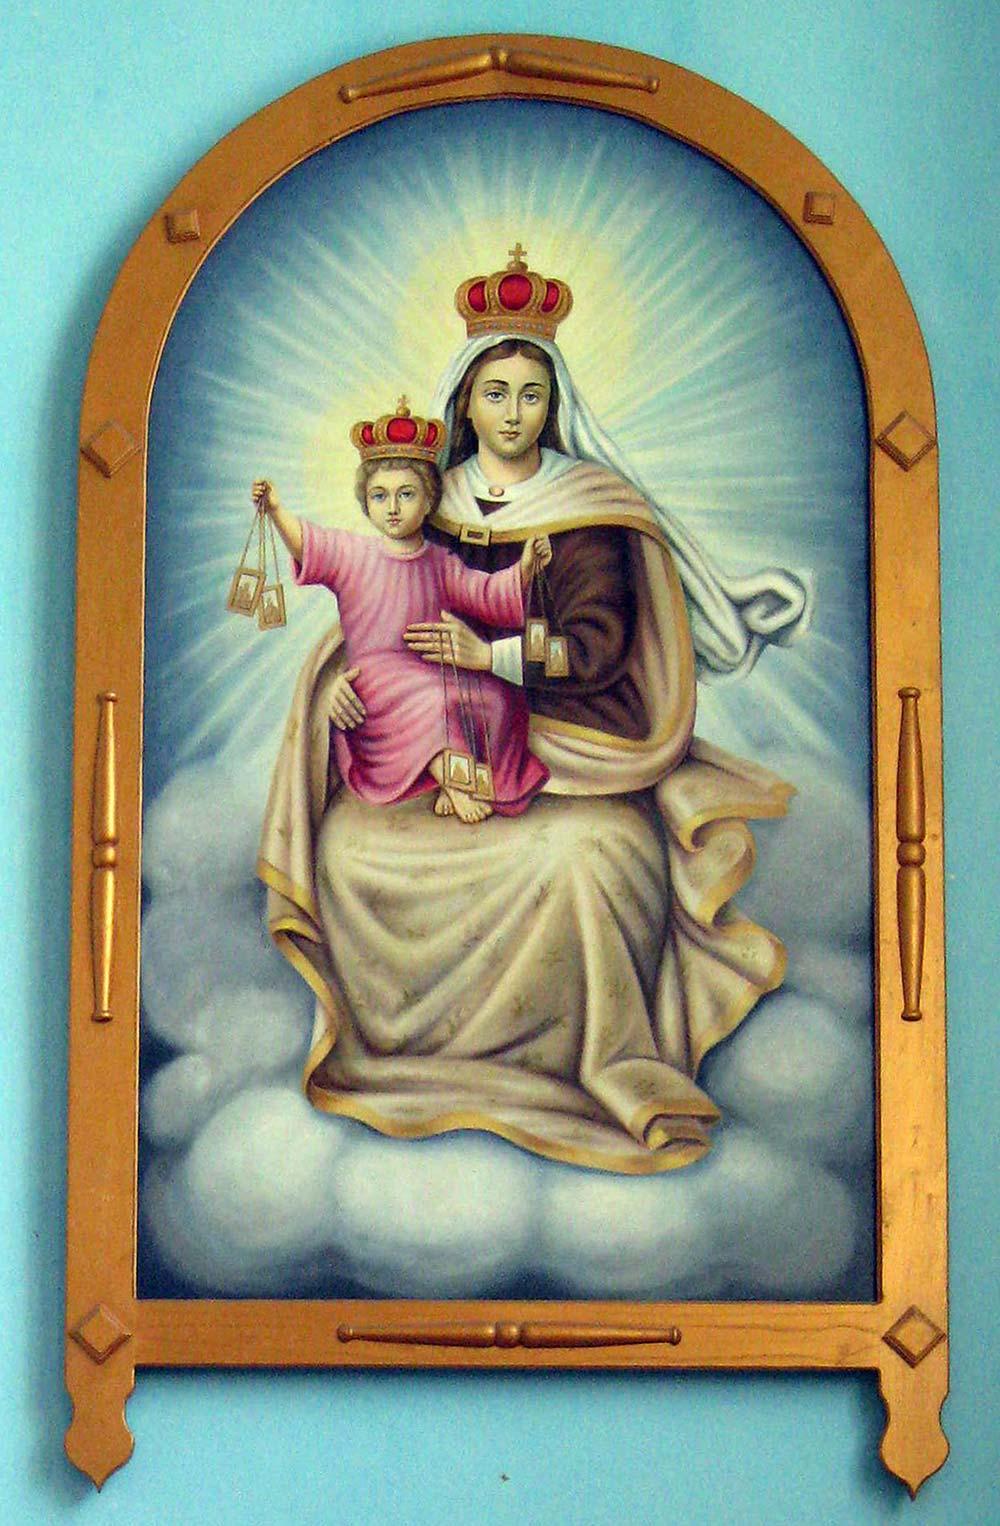 Obraz Matki Boskiej Szkaplerznej w Bracławiu